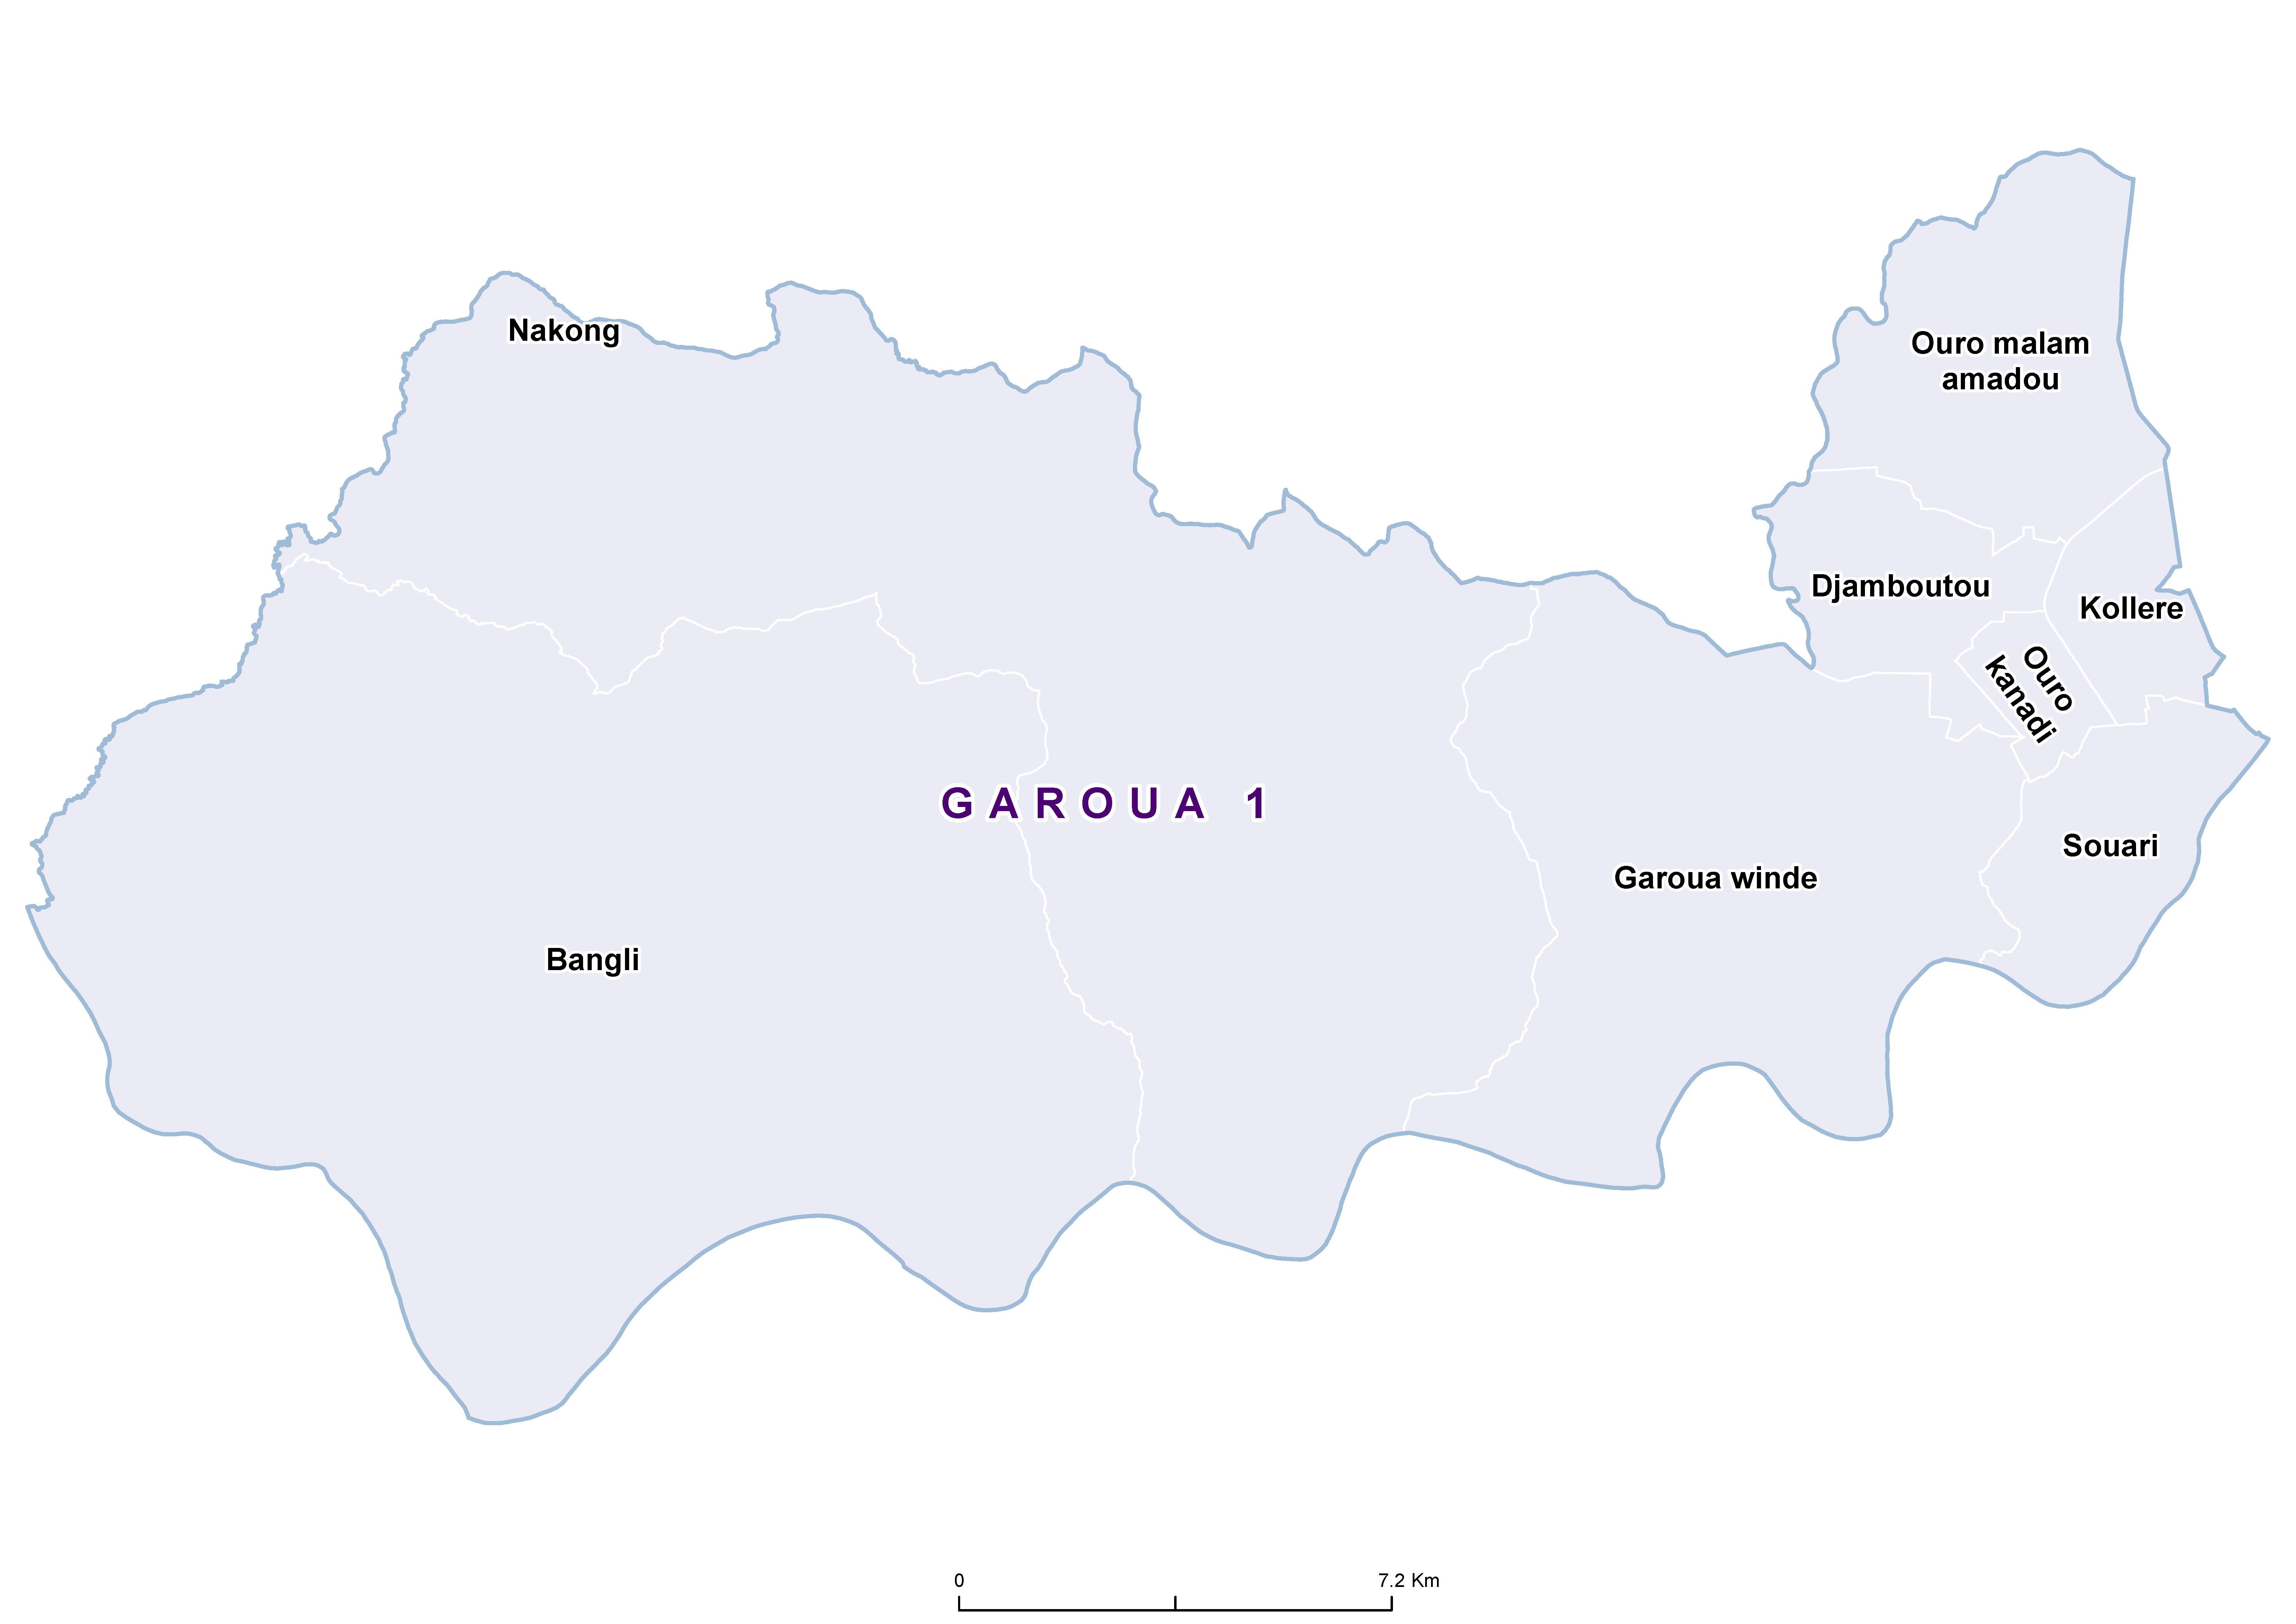 Garoua 1 STH 20180001